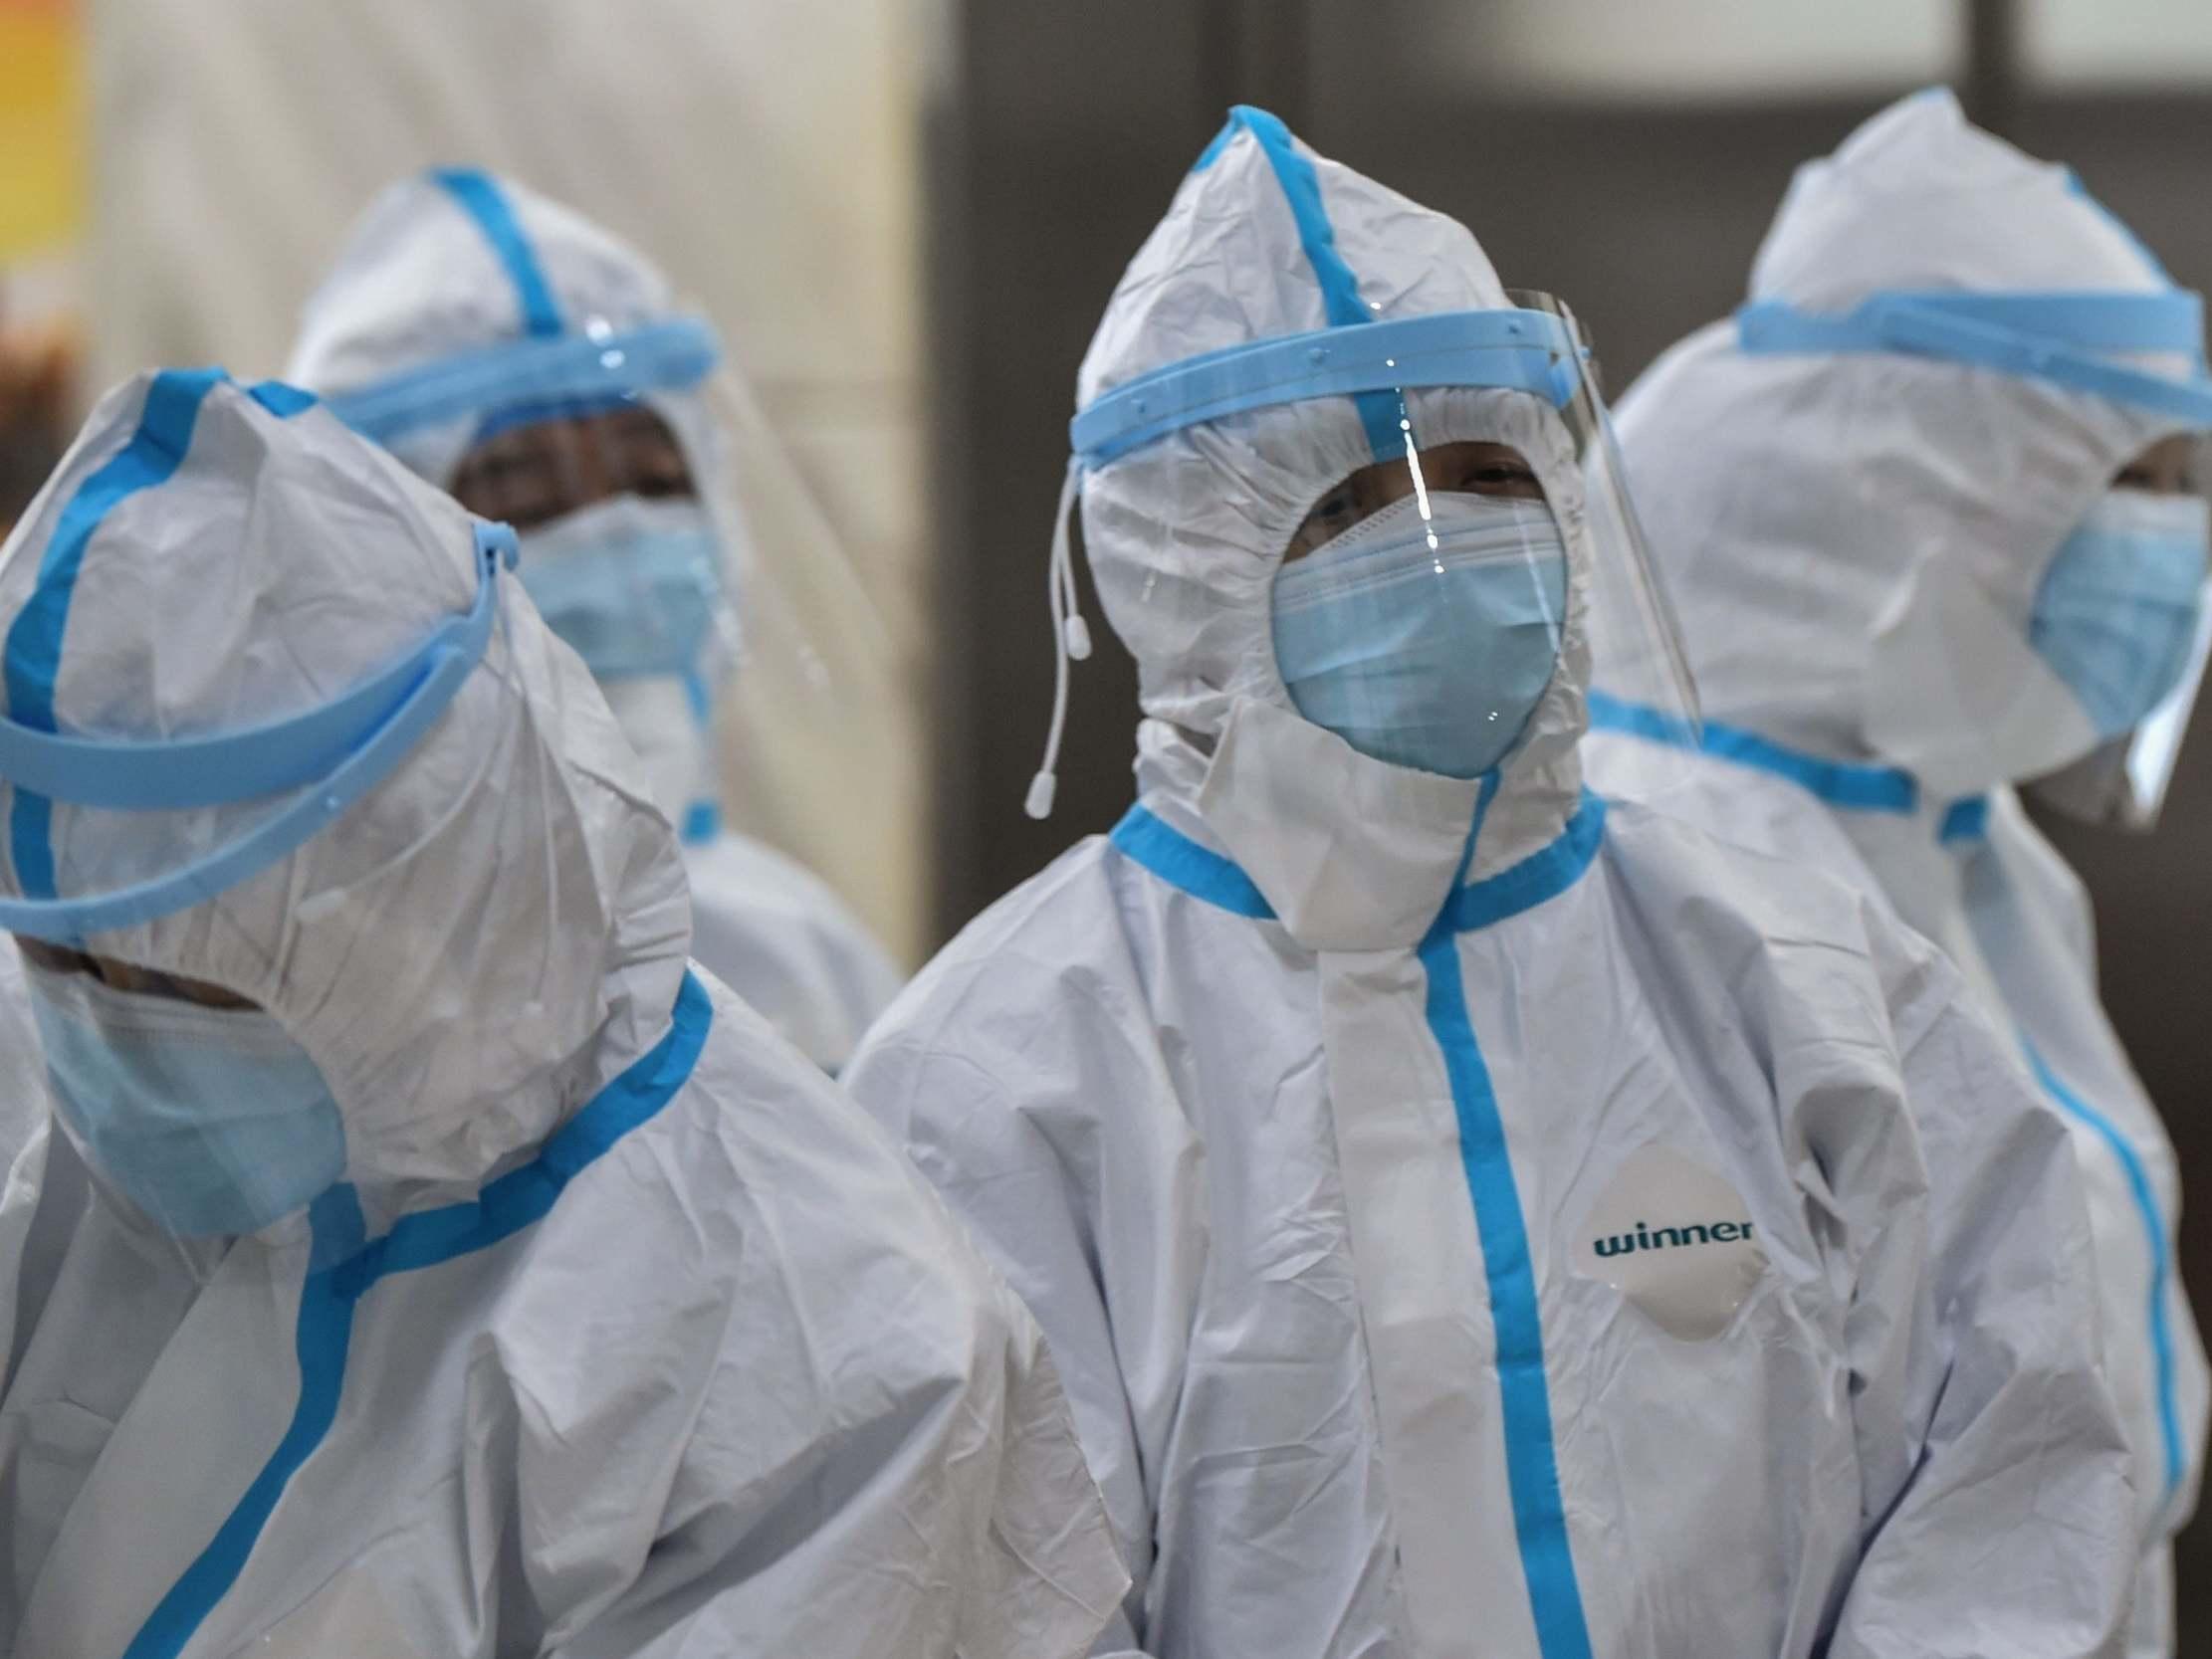 В Челябинской области вводят новую методику оформления коронавирусной статистики